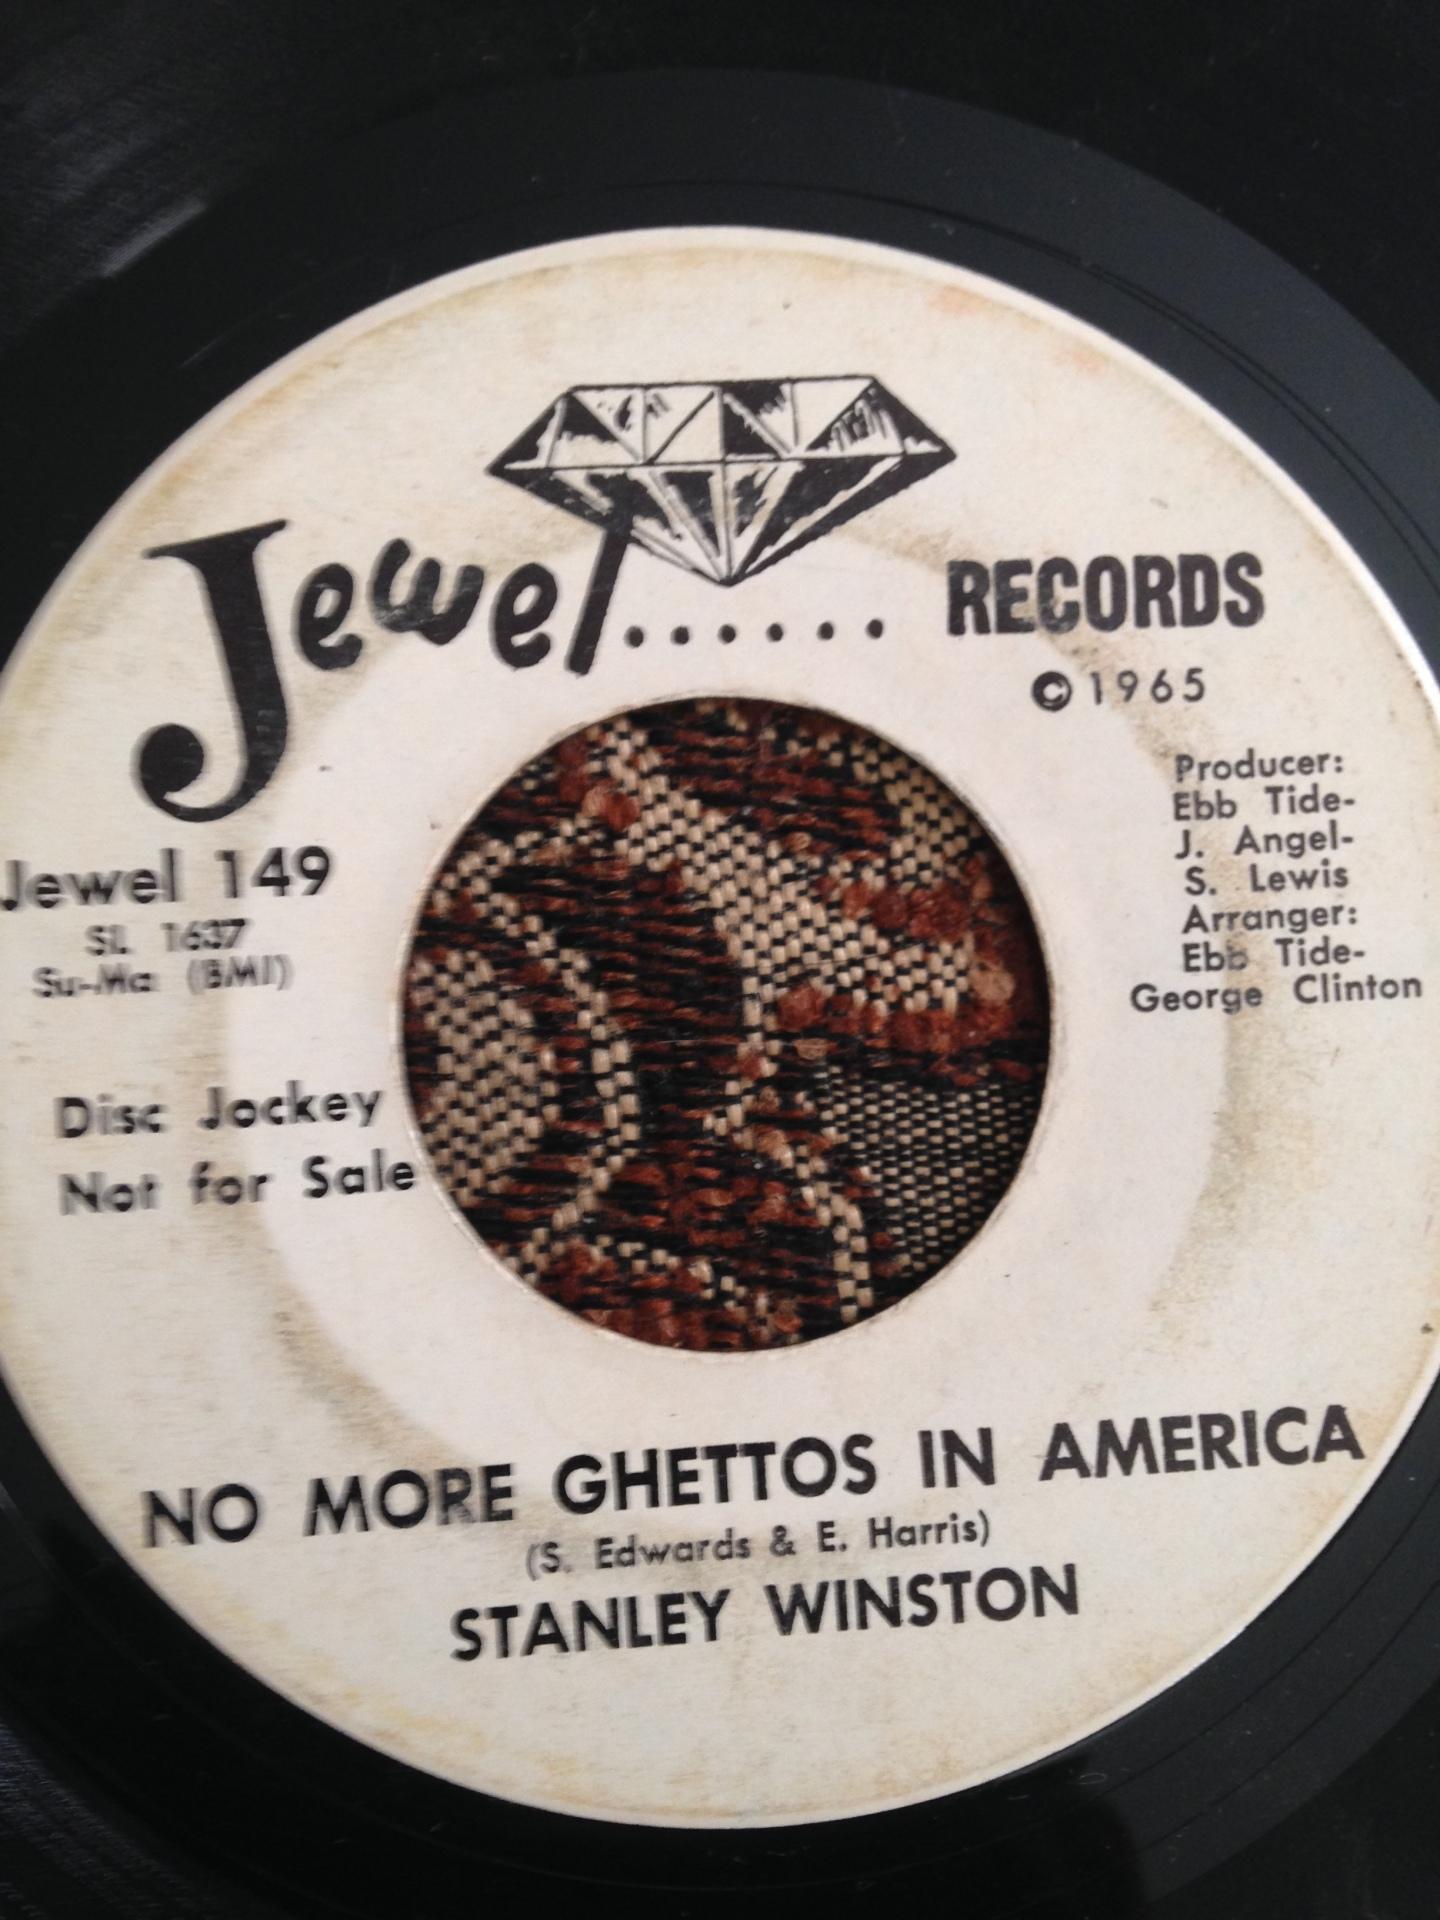 Stanley Winston - No More Ghettos In America